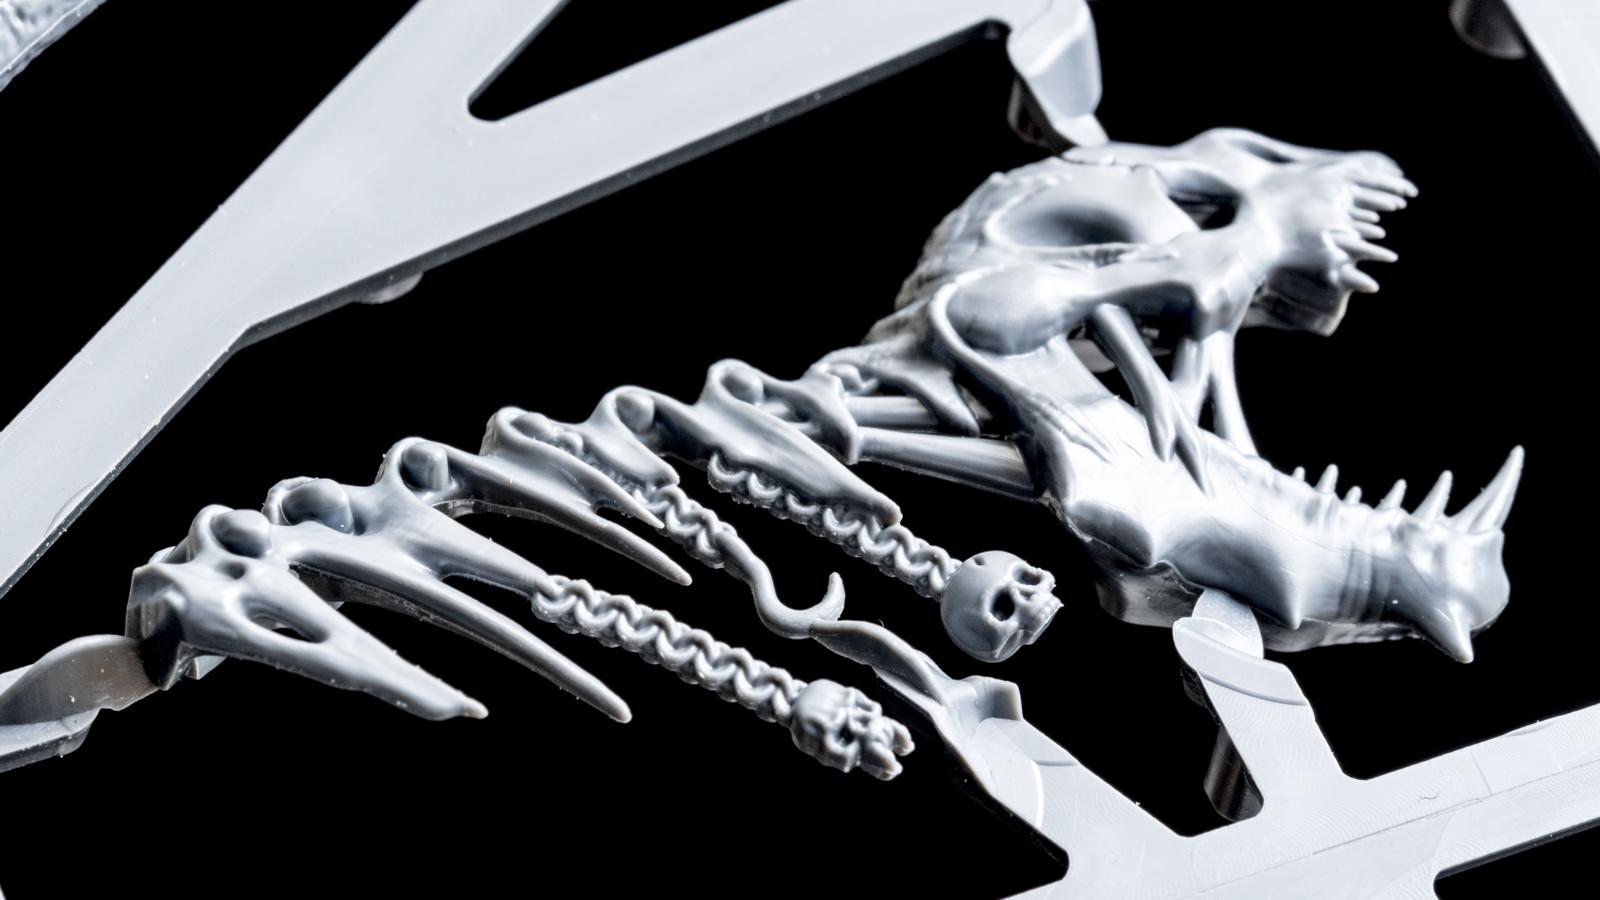 キミは腐ったドラゴンのプラモデルを組んだことがあるか(前編)_b0029315_23152585.jpg